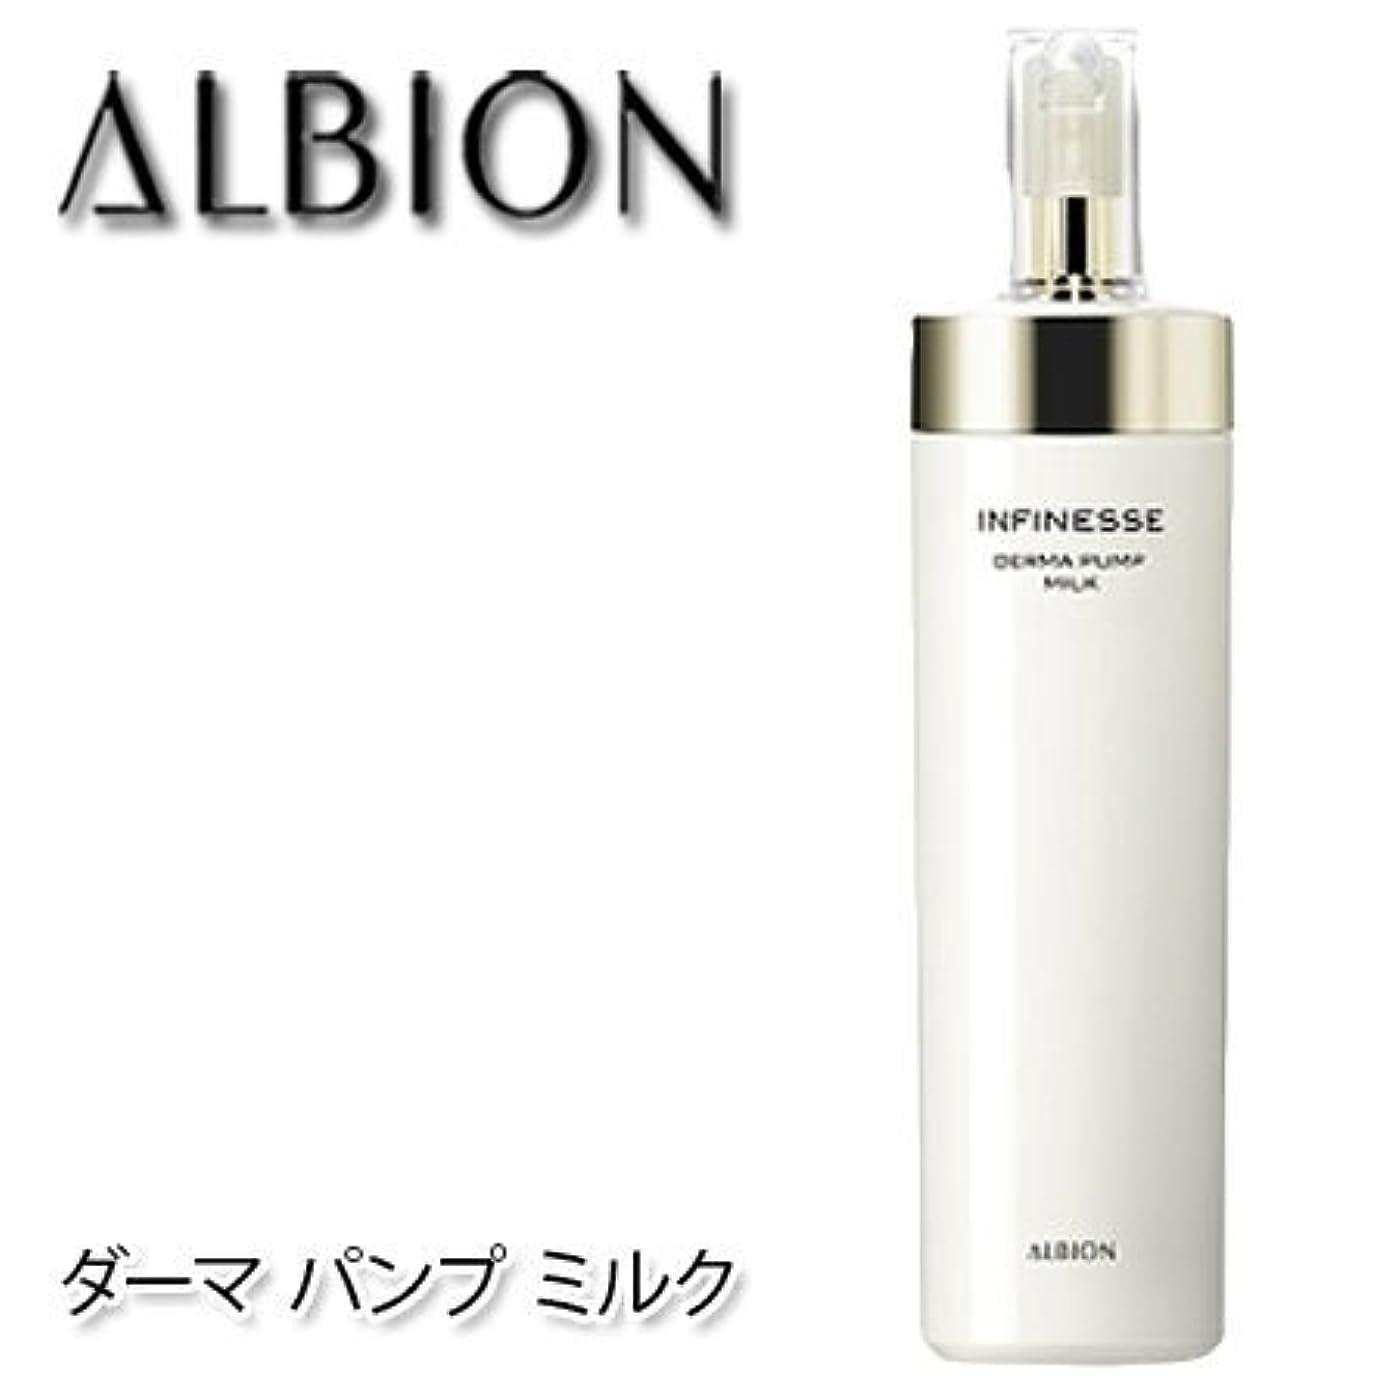 四面体故障倍増アルビオン アンフィネス ダーマ パンプ ミルク 200g-ALBION-